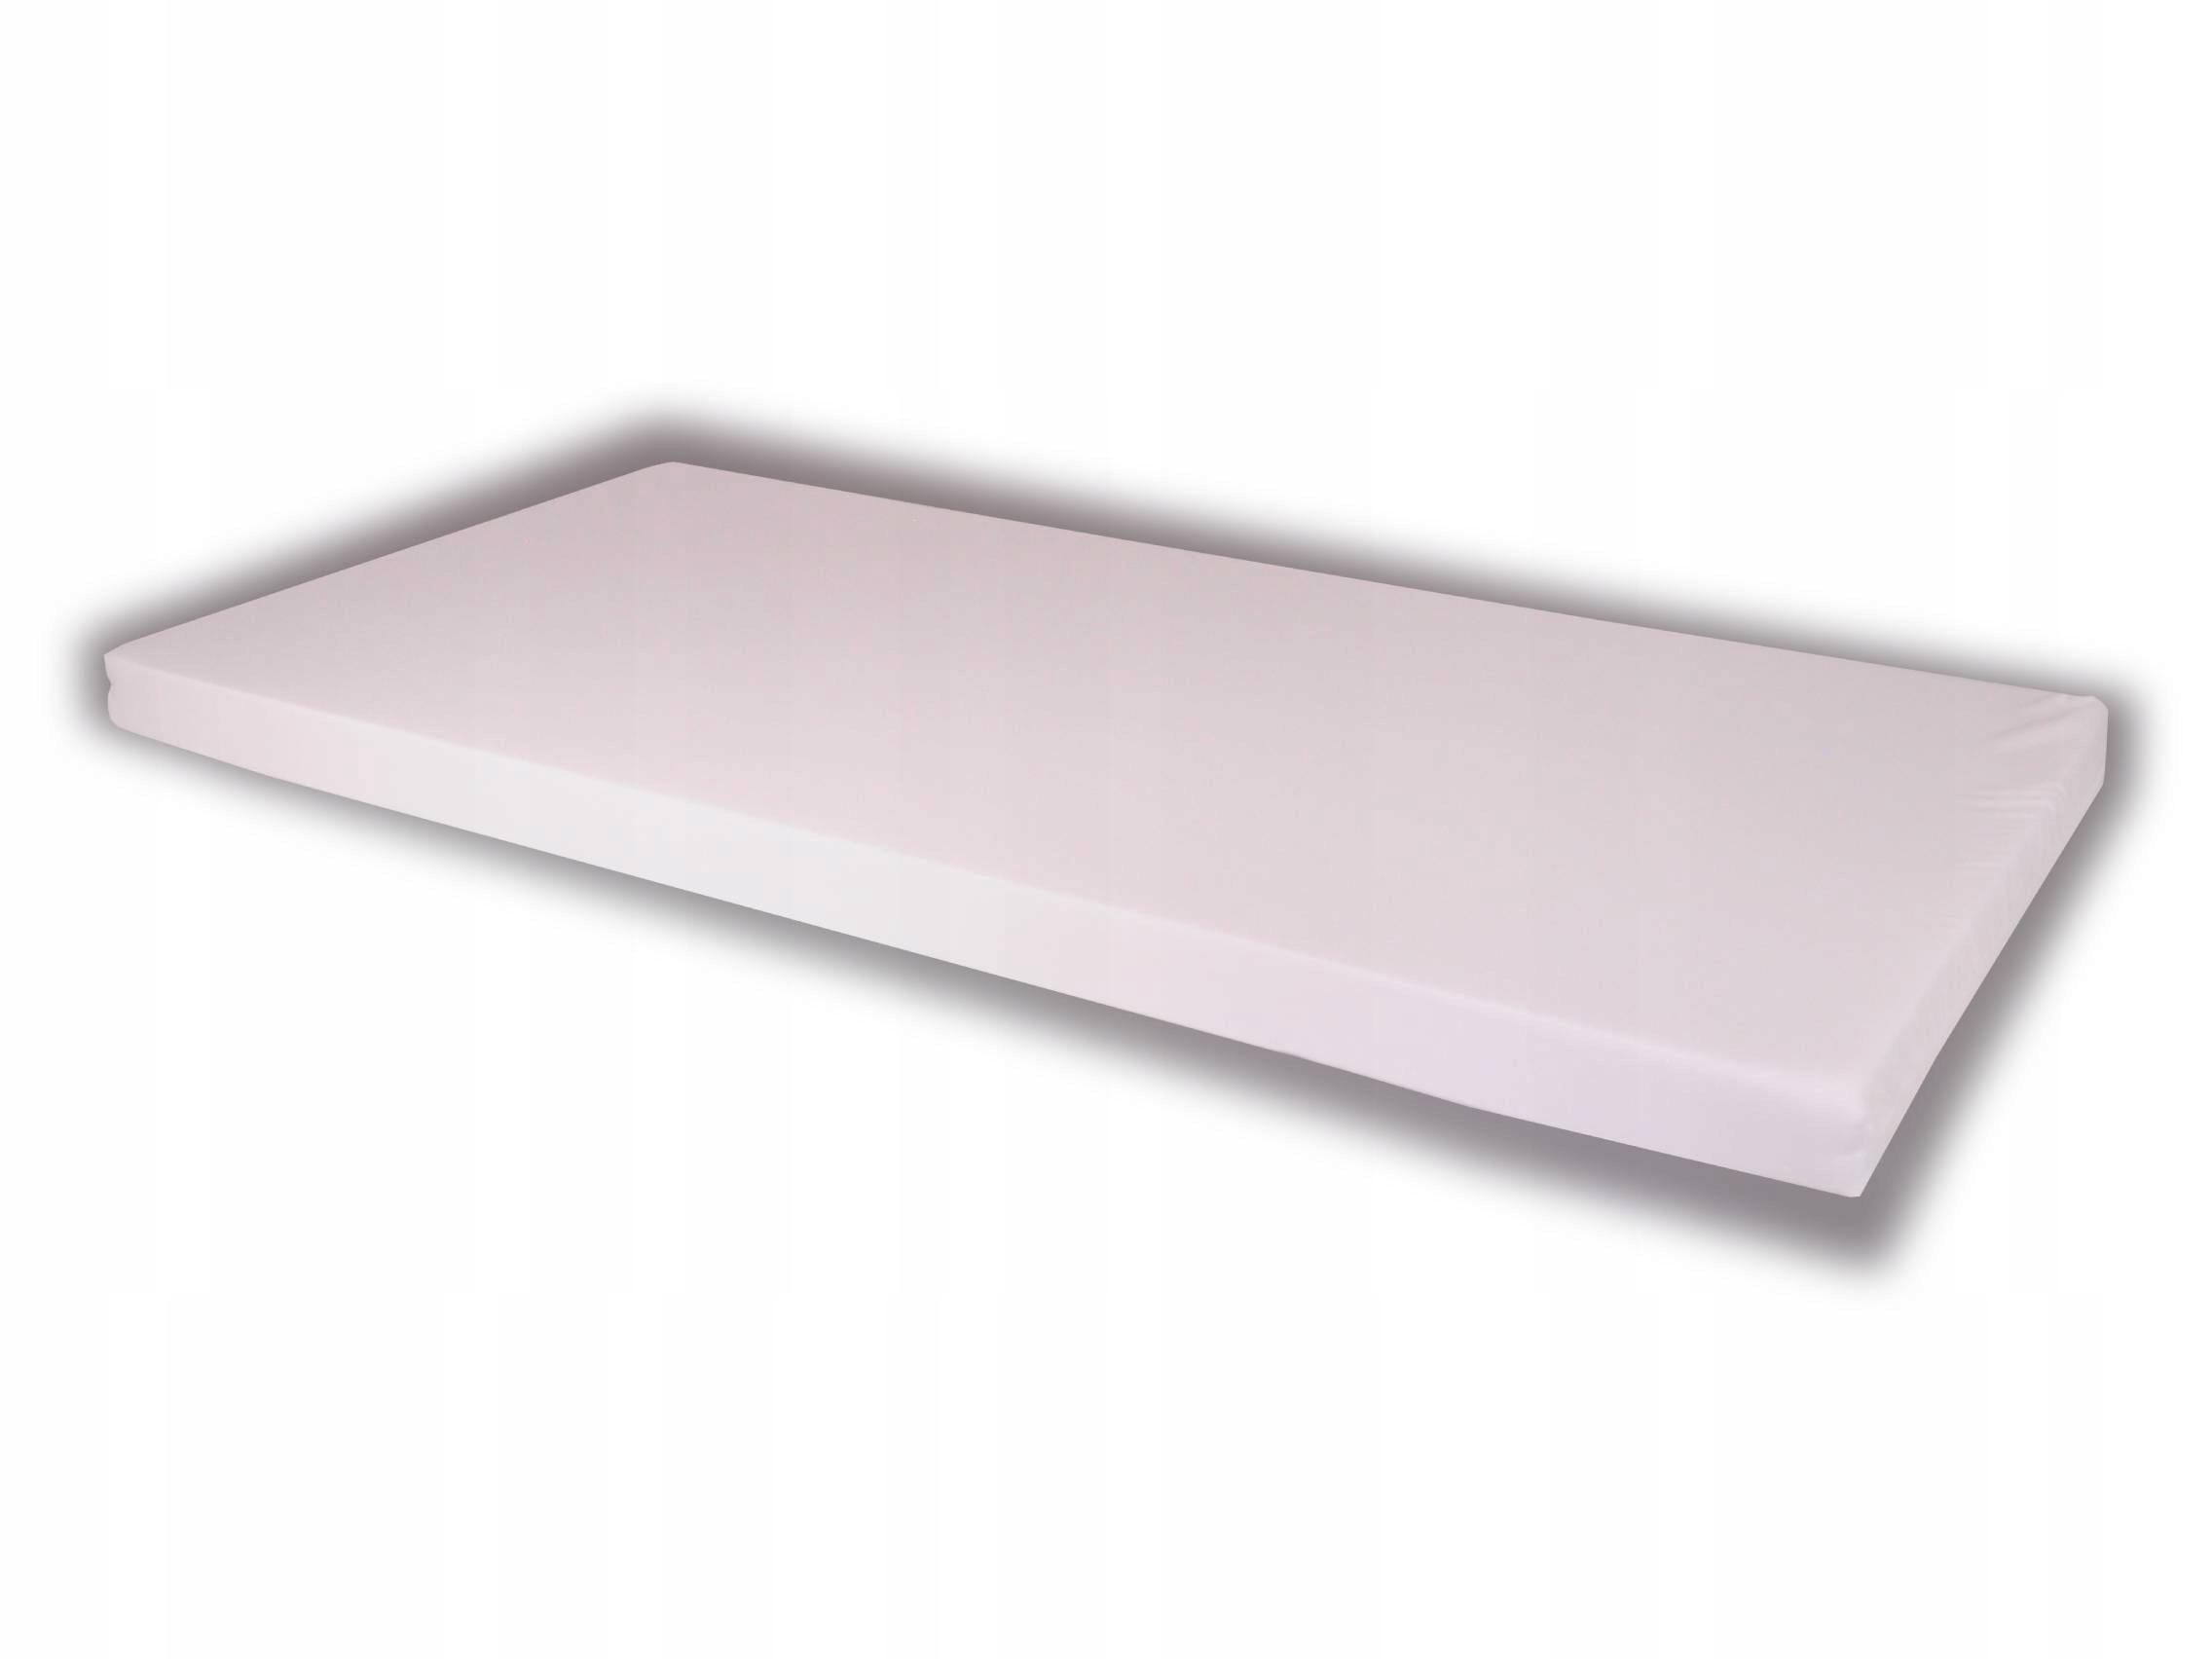 Детский матрас для кровати 120/60/6 см